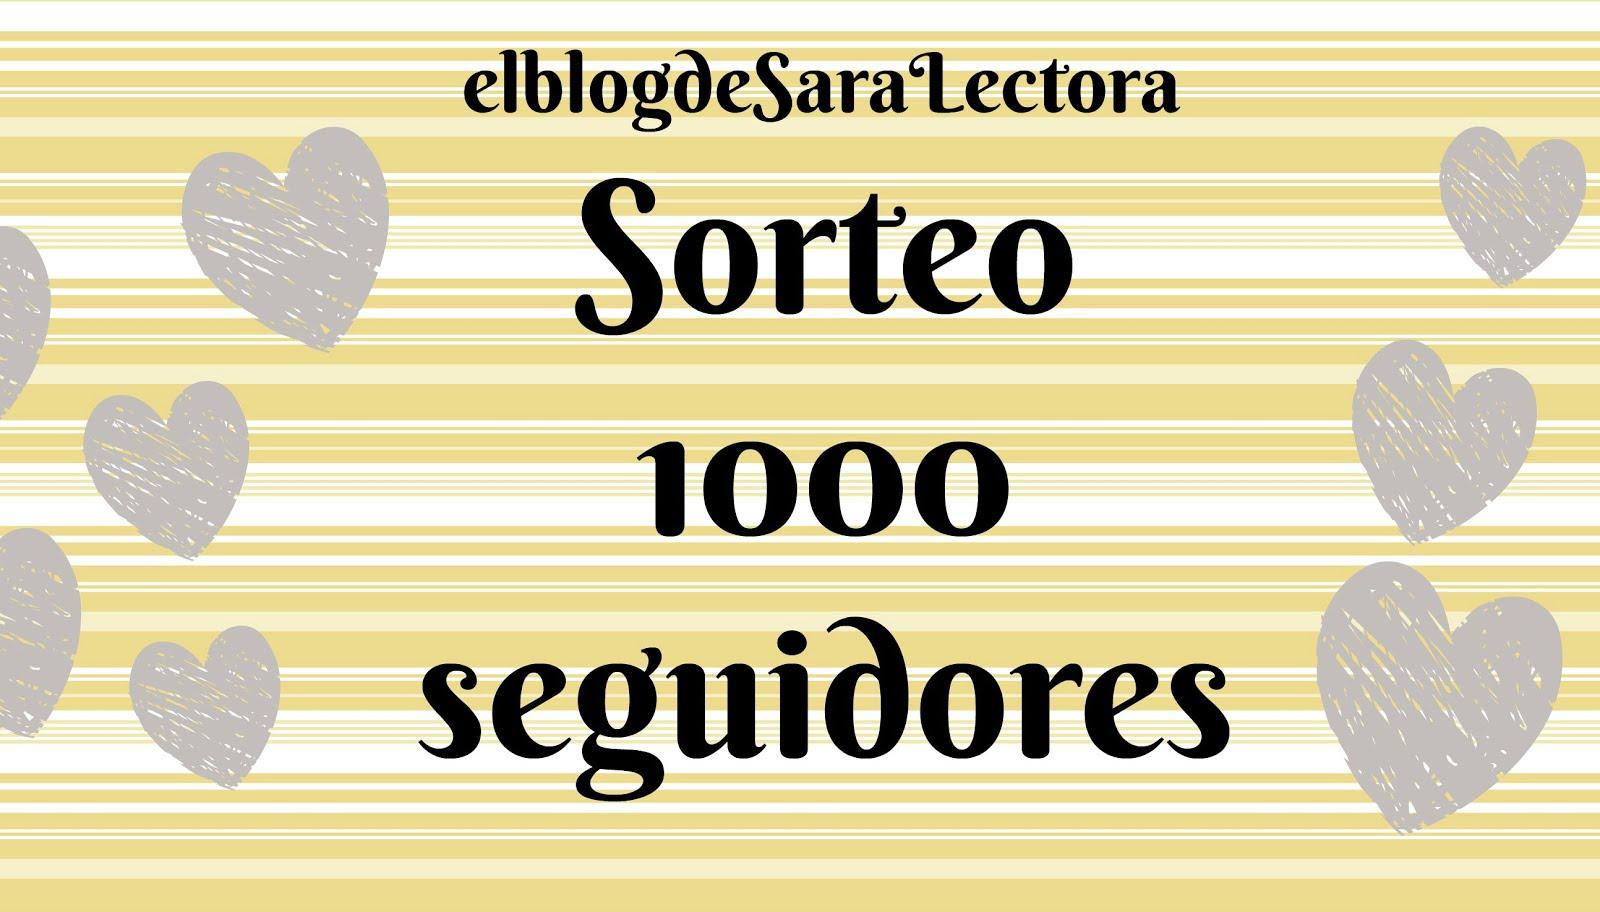 SORTEO: El blog de Sara Lectora